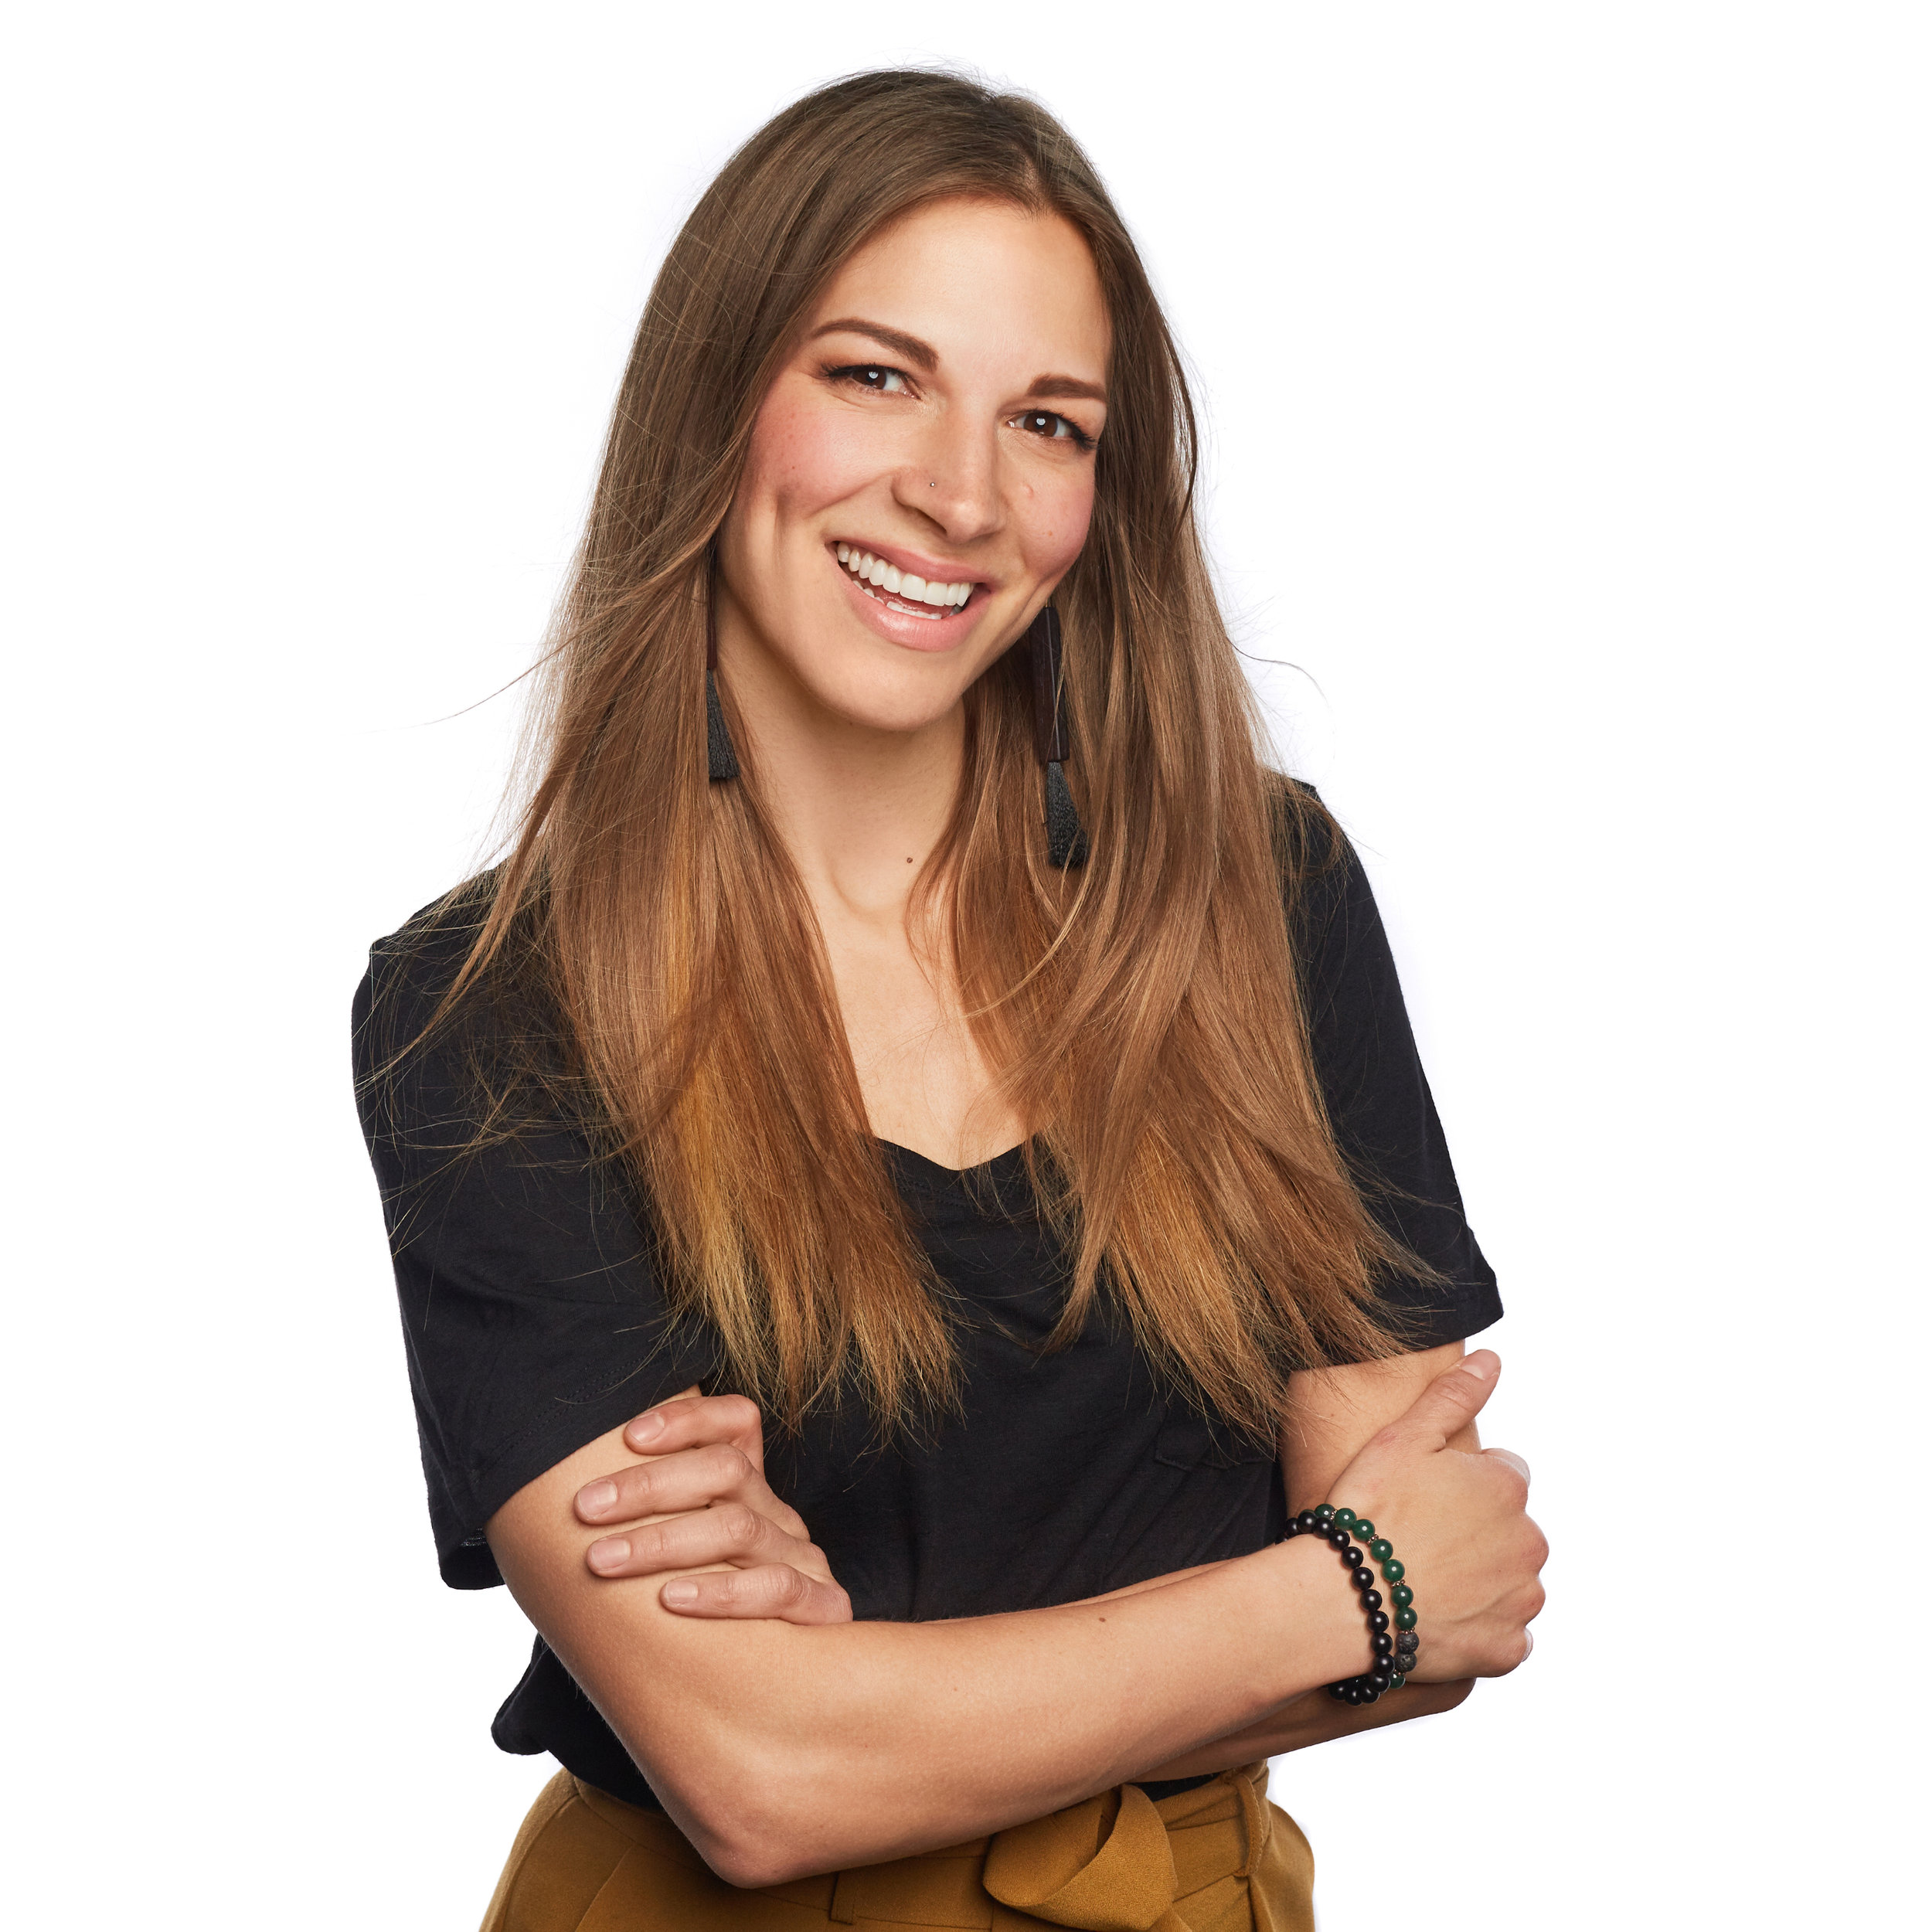 ElleMcAndrews_Profile_FINAL 003.jpg